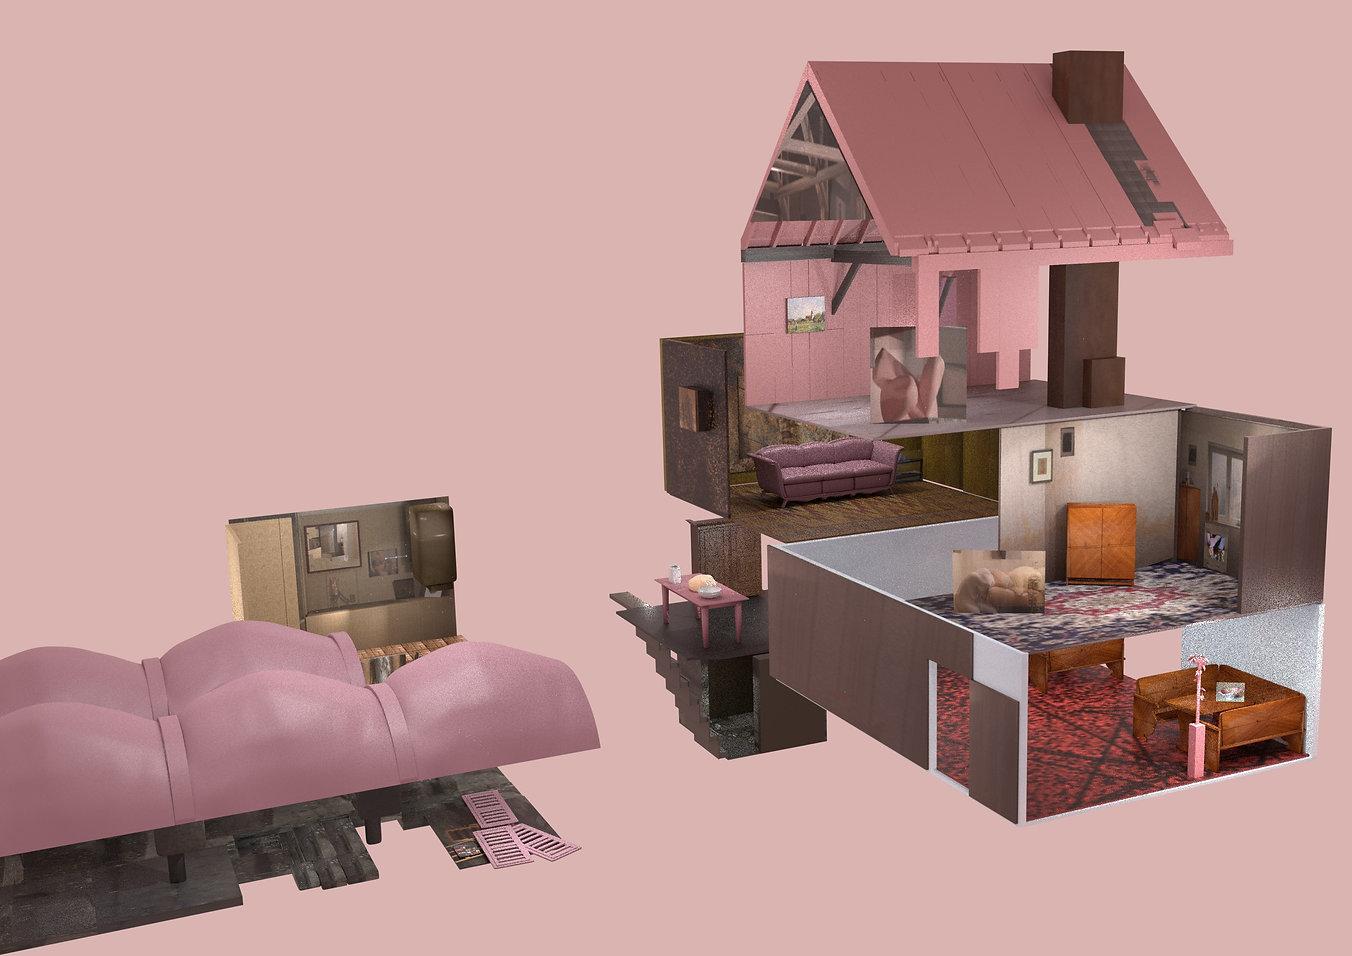 Rahmen Ansicht 1 rosa Hintergrund.jpg